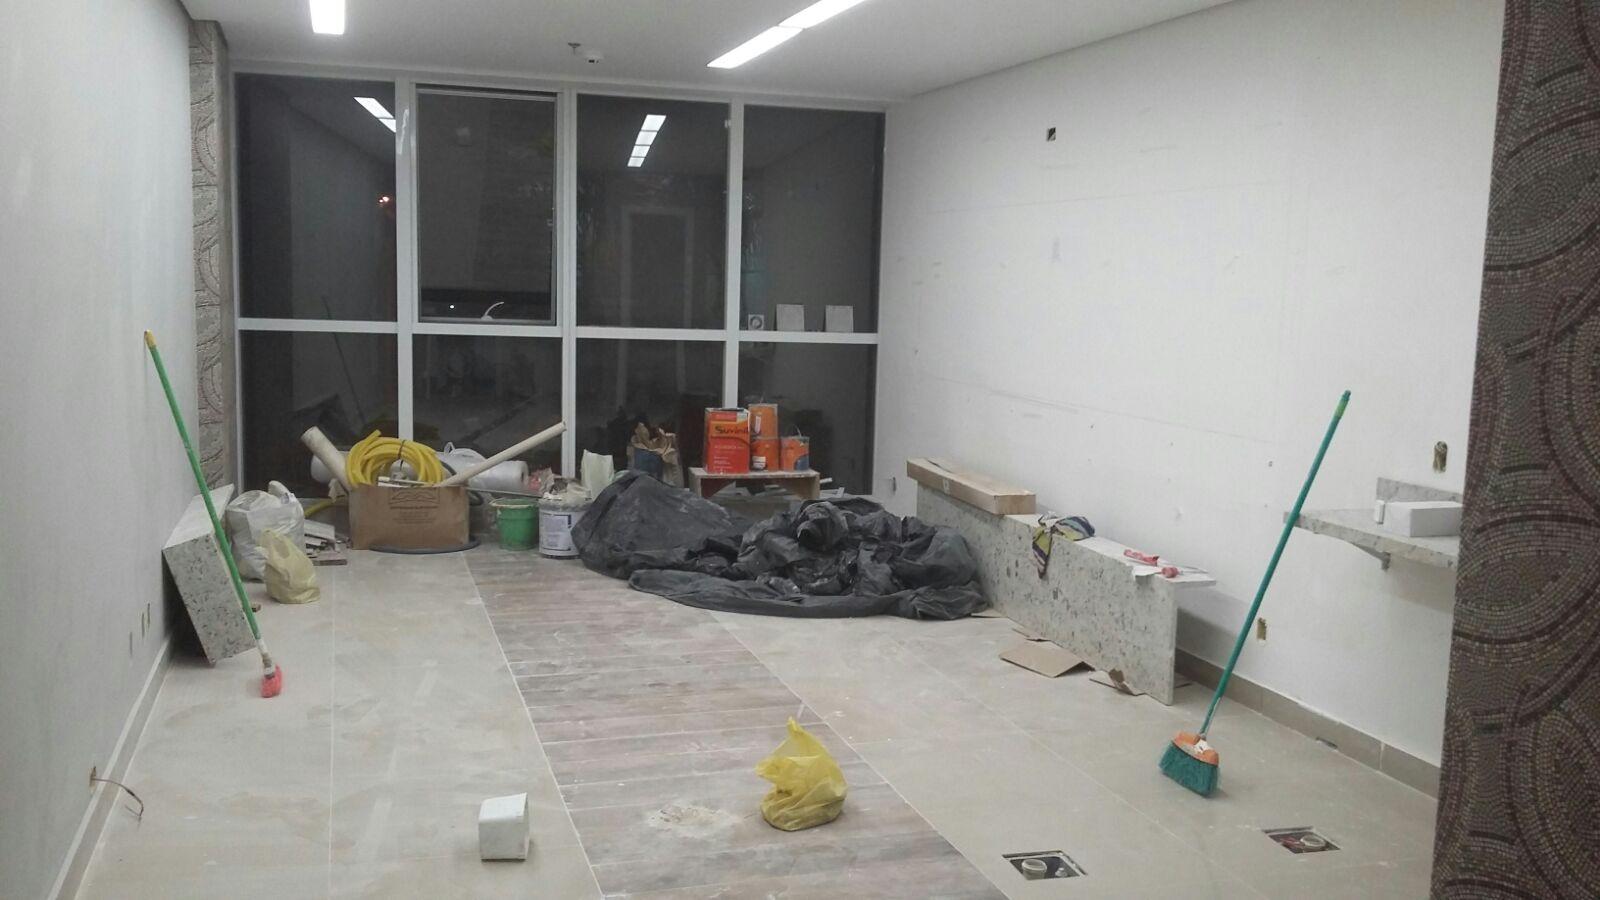 Arquitetura Projetos e Decoração: Salão de Beleza Londrina PR #684C41 1600x900